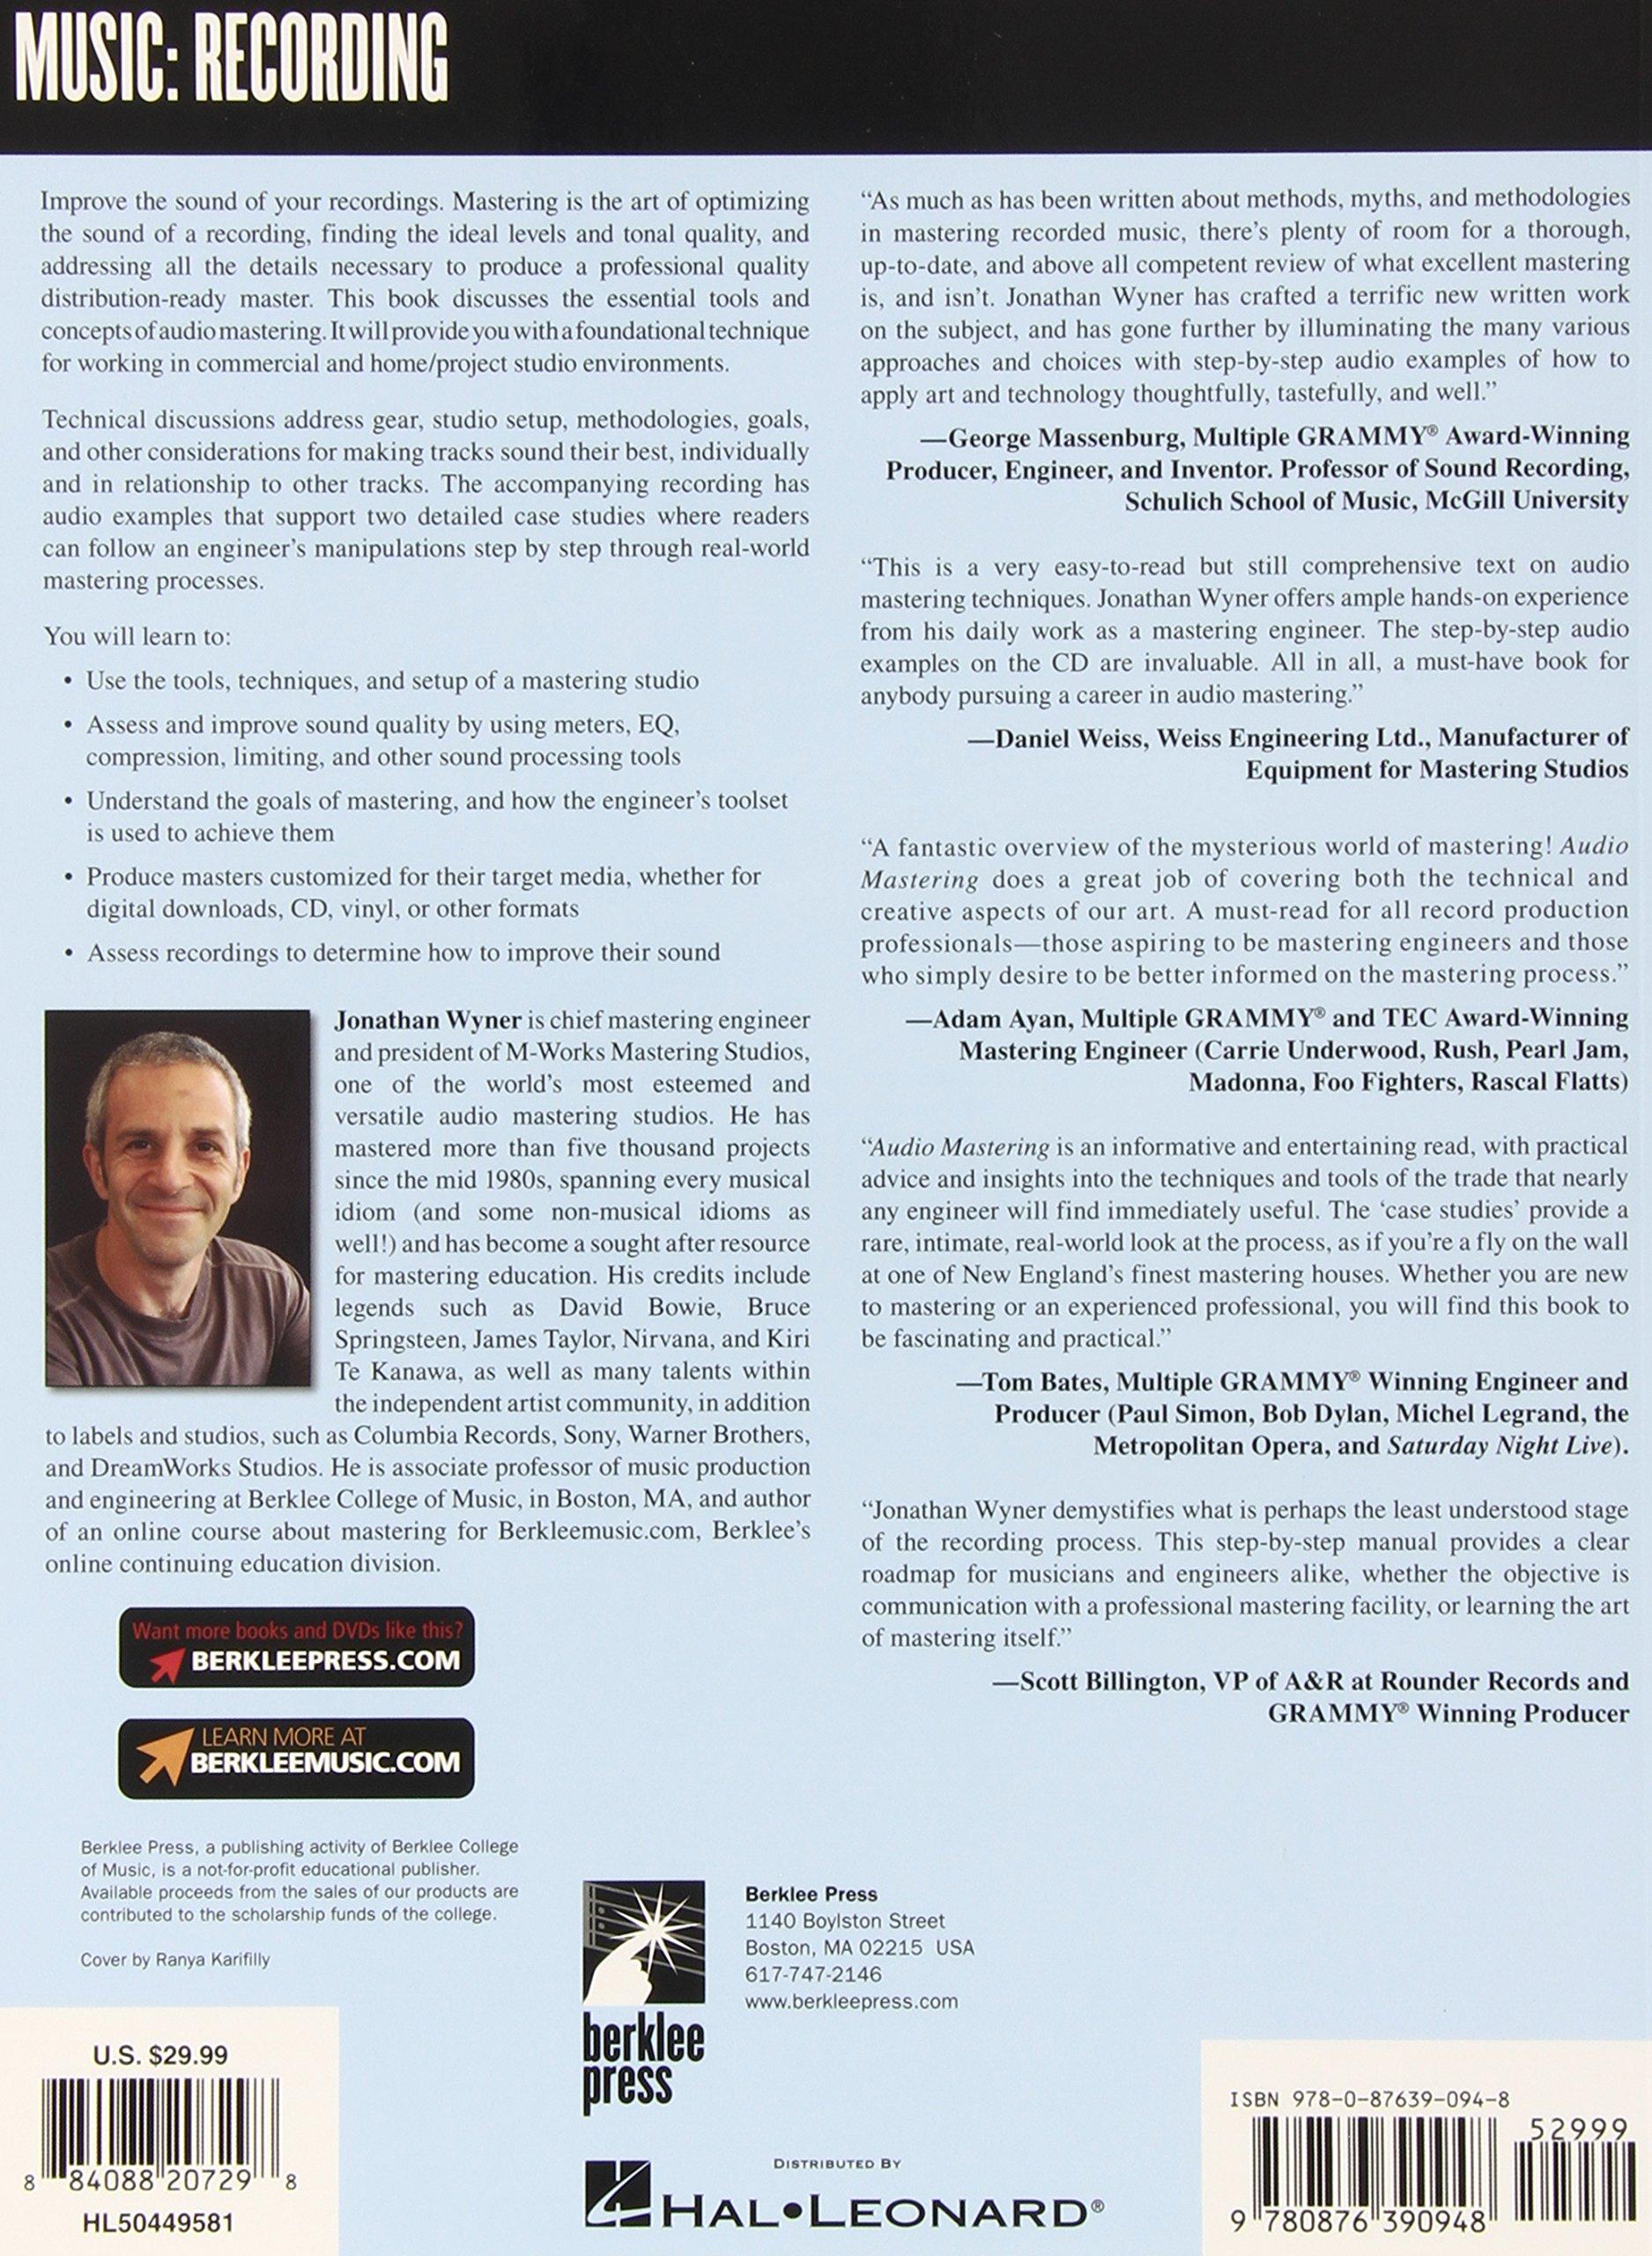 Audio Mastering - Essential Practices